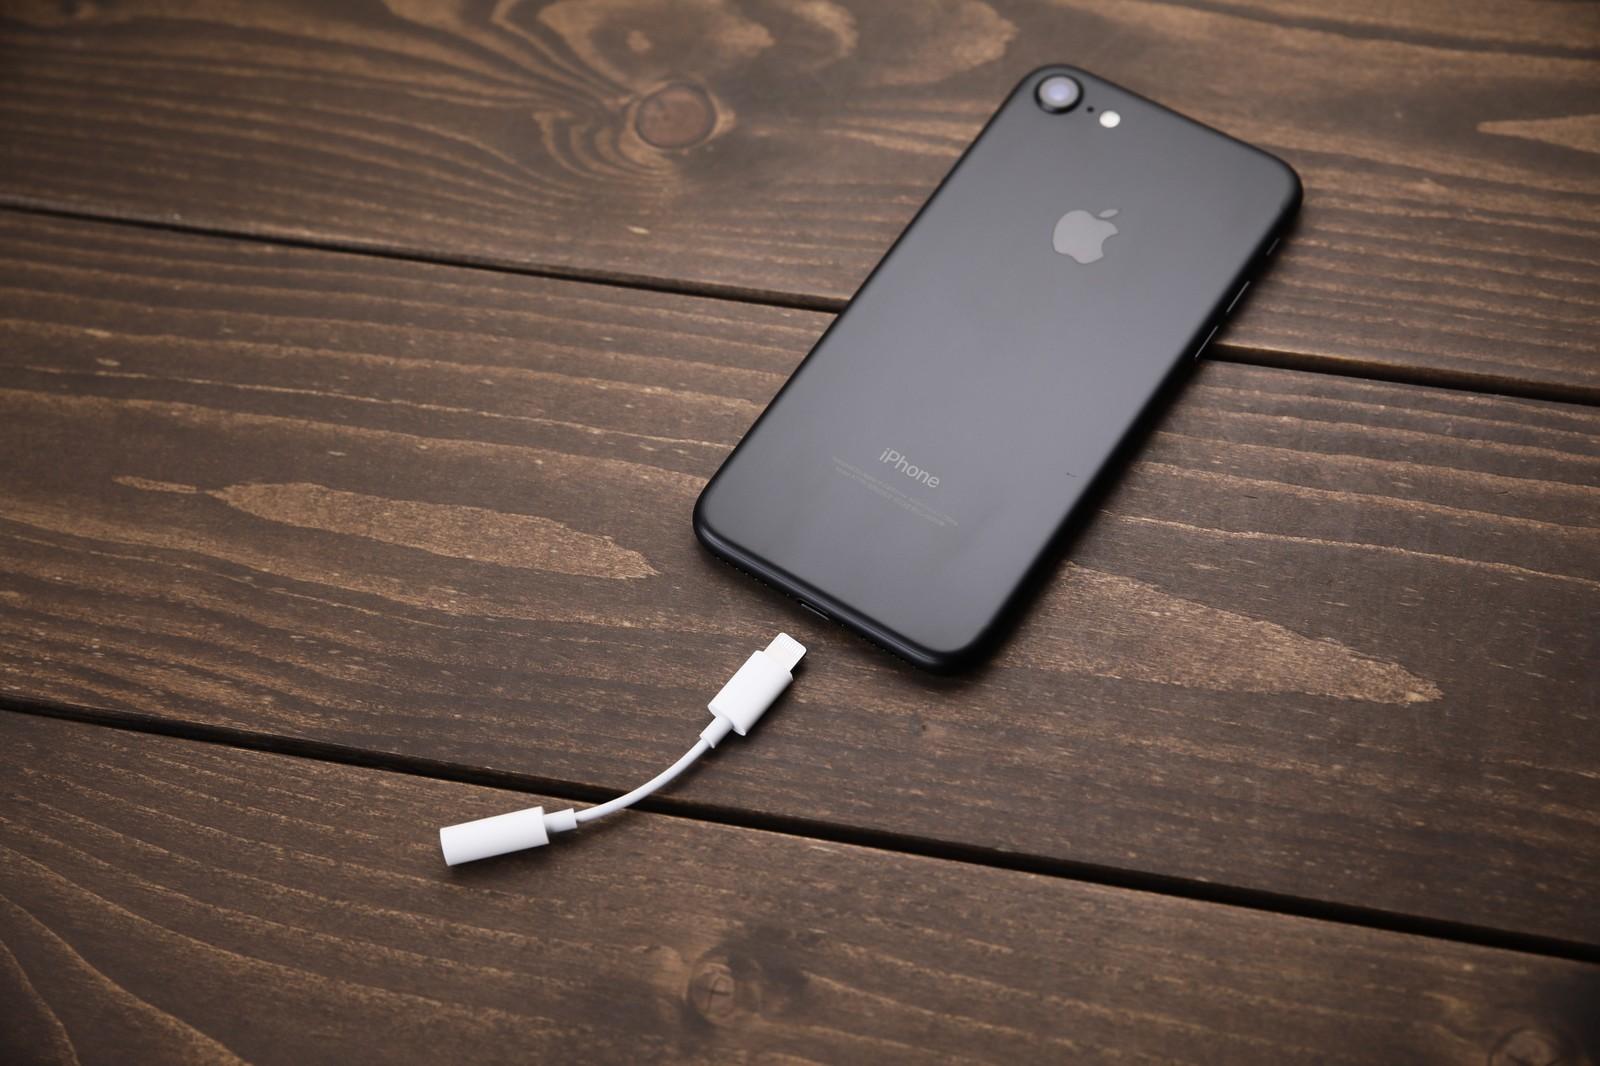 iPhone音飛びの原因